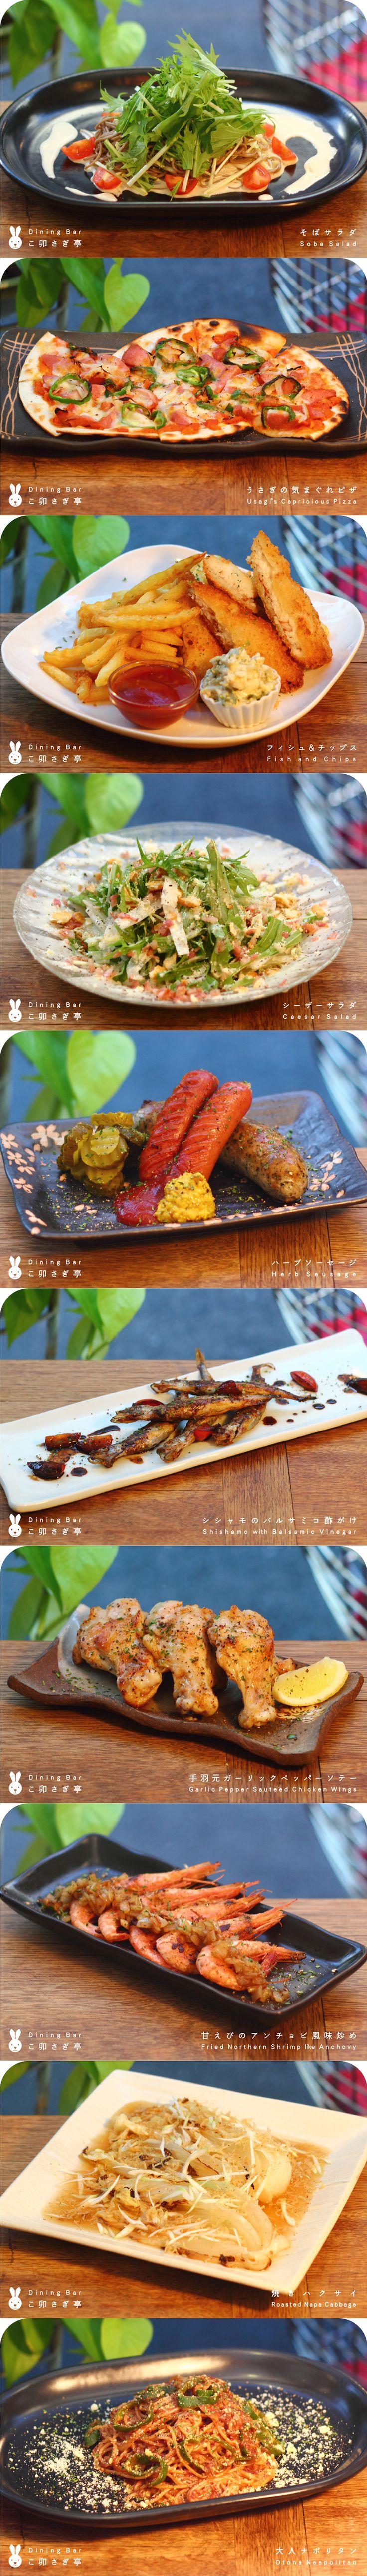 shun_yonemura usagi menu